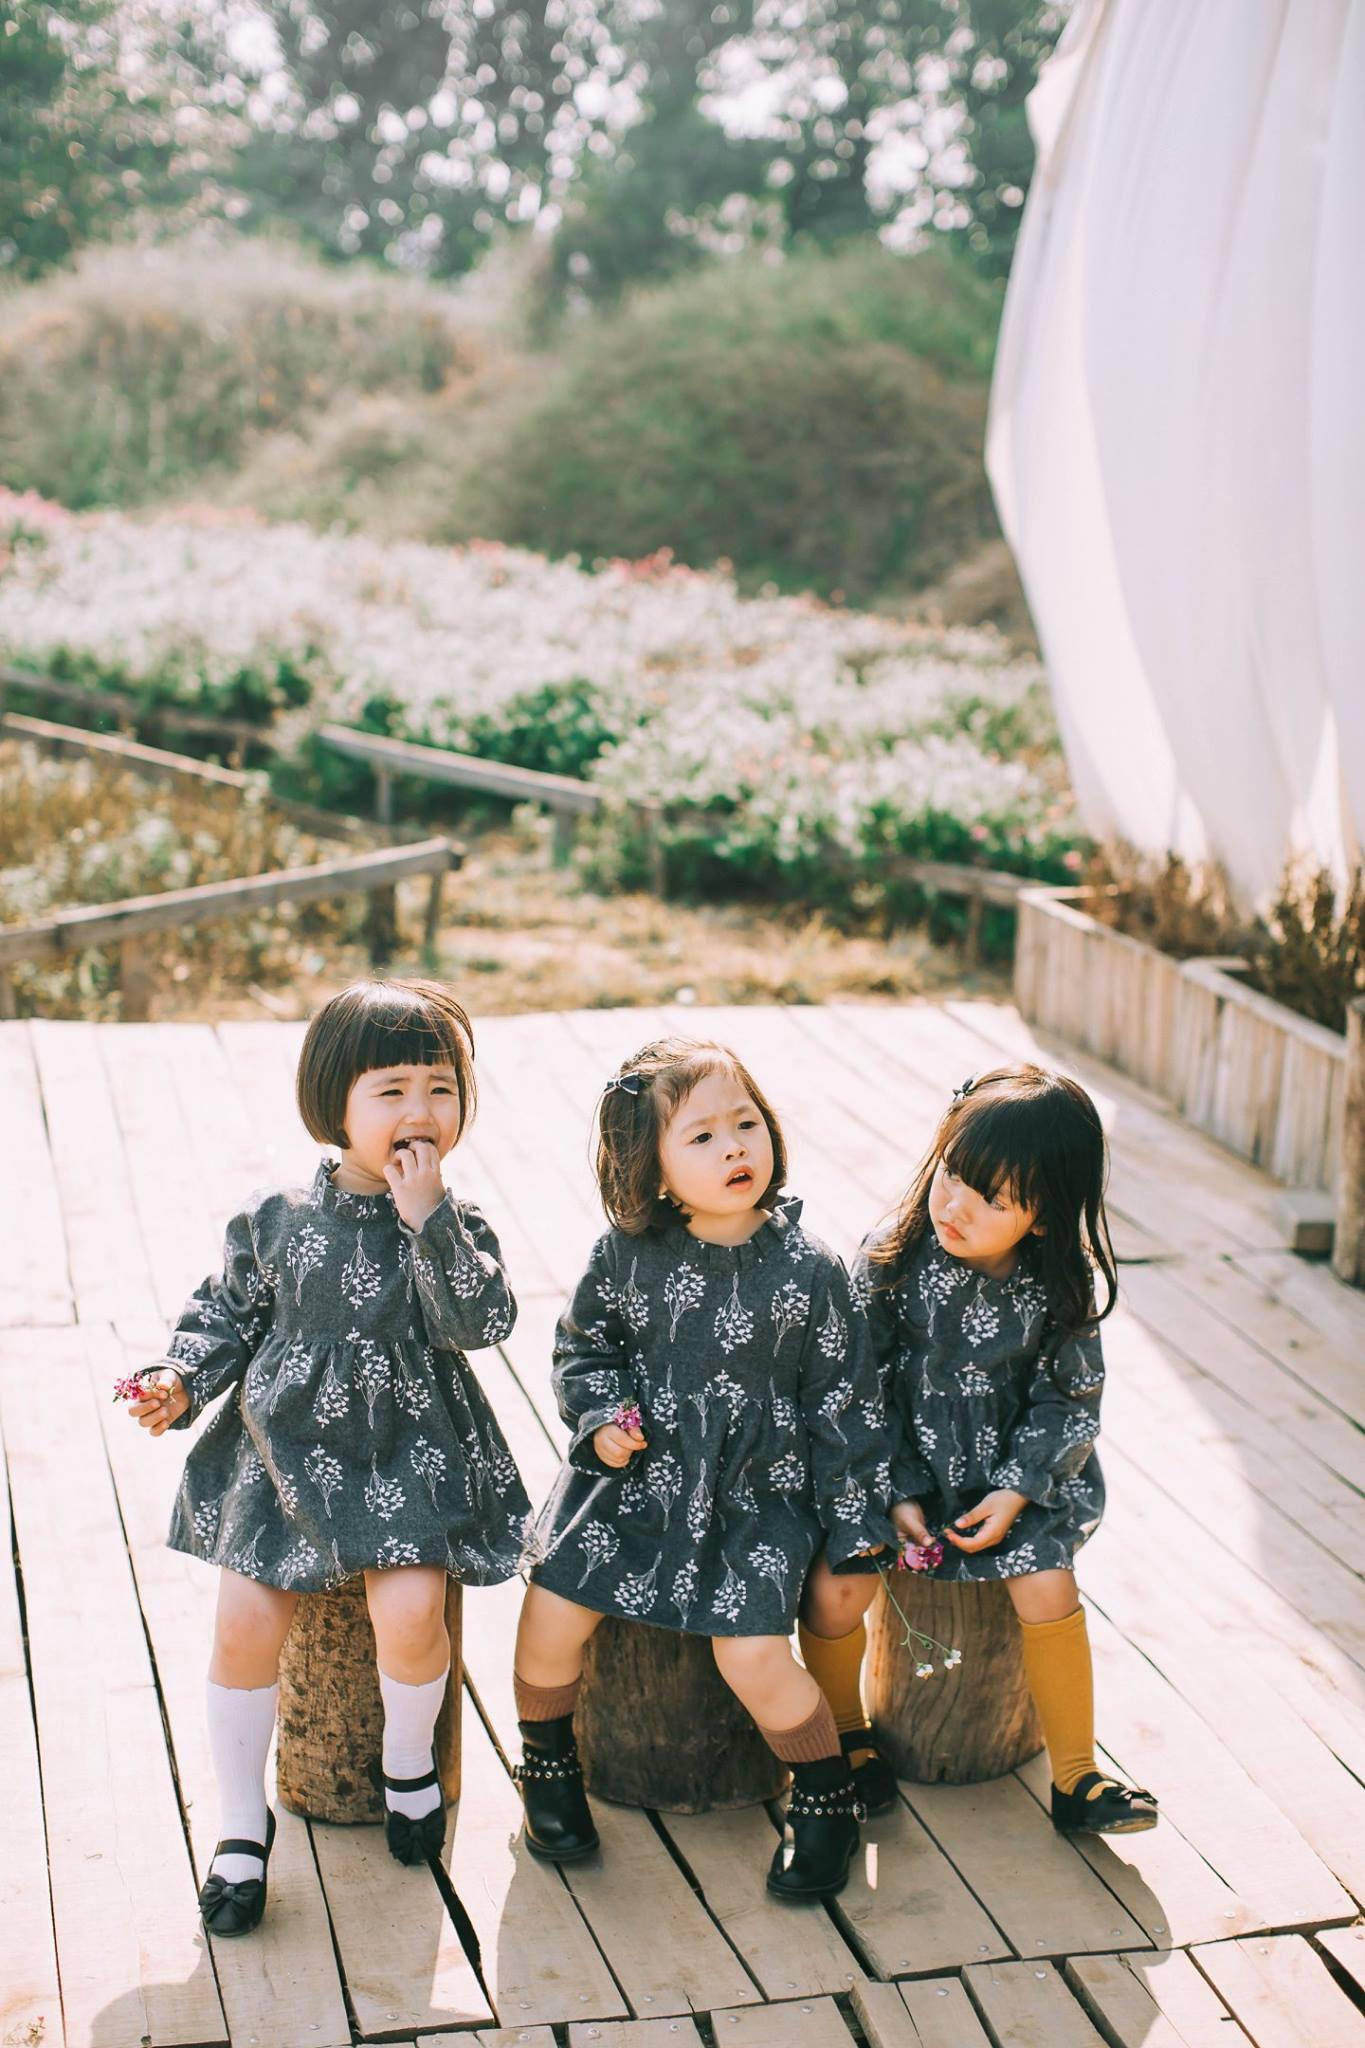 Mẹ chơi với nhau thời ĐH, lên 3 tuổi các con đã có bộ ảnh cùng hội bạn thân siêu đáng yêu - Ảnh 7.